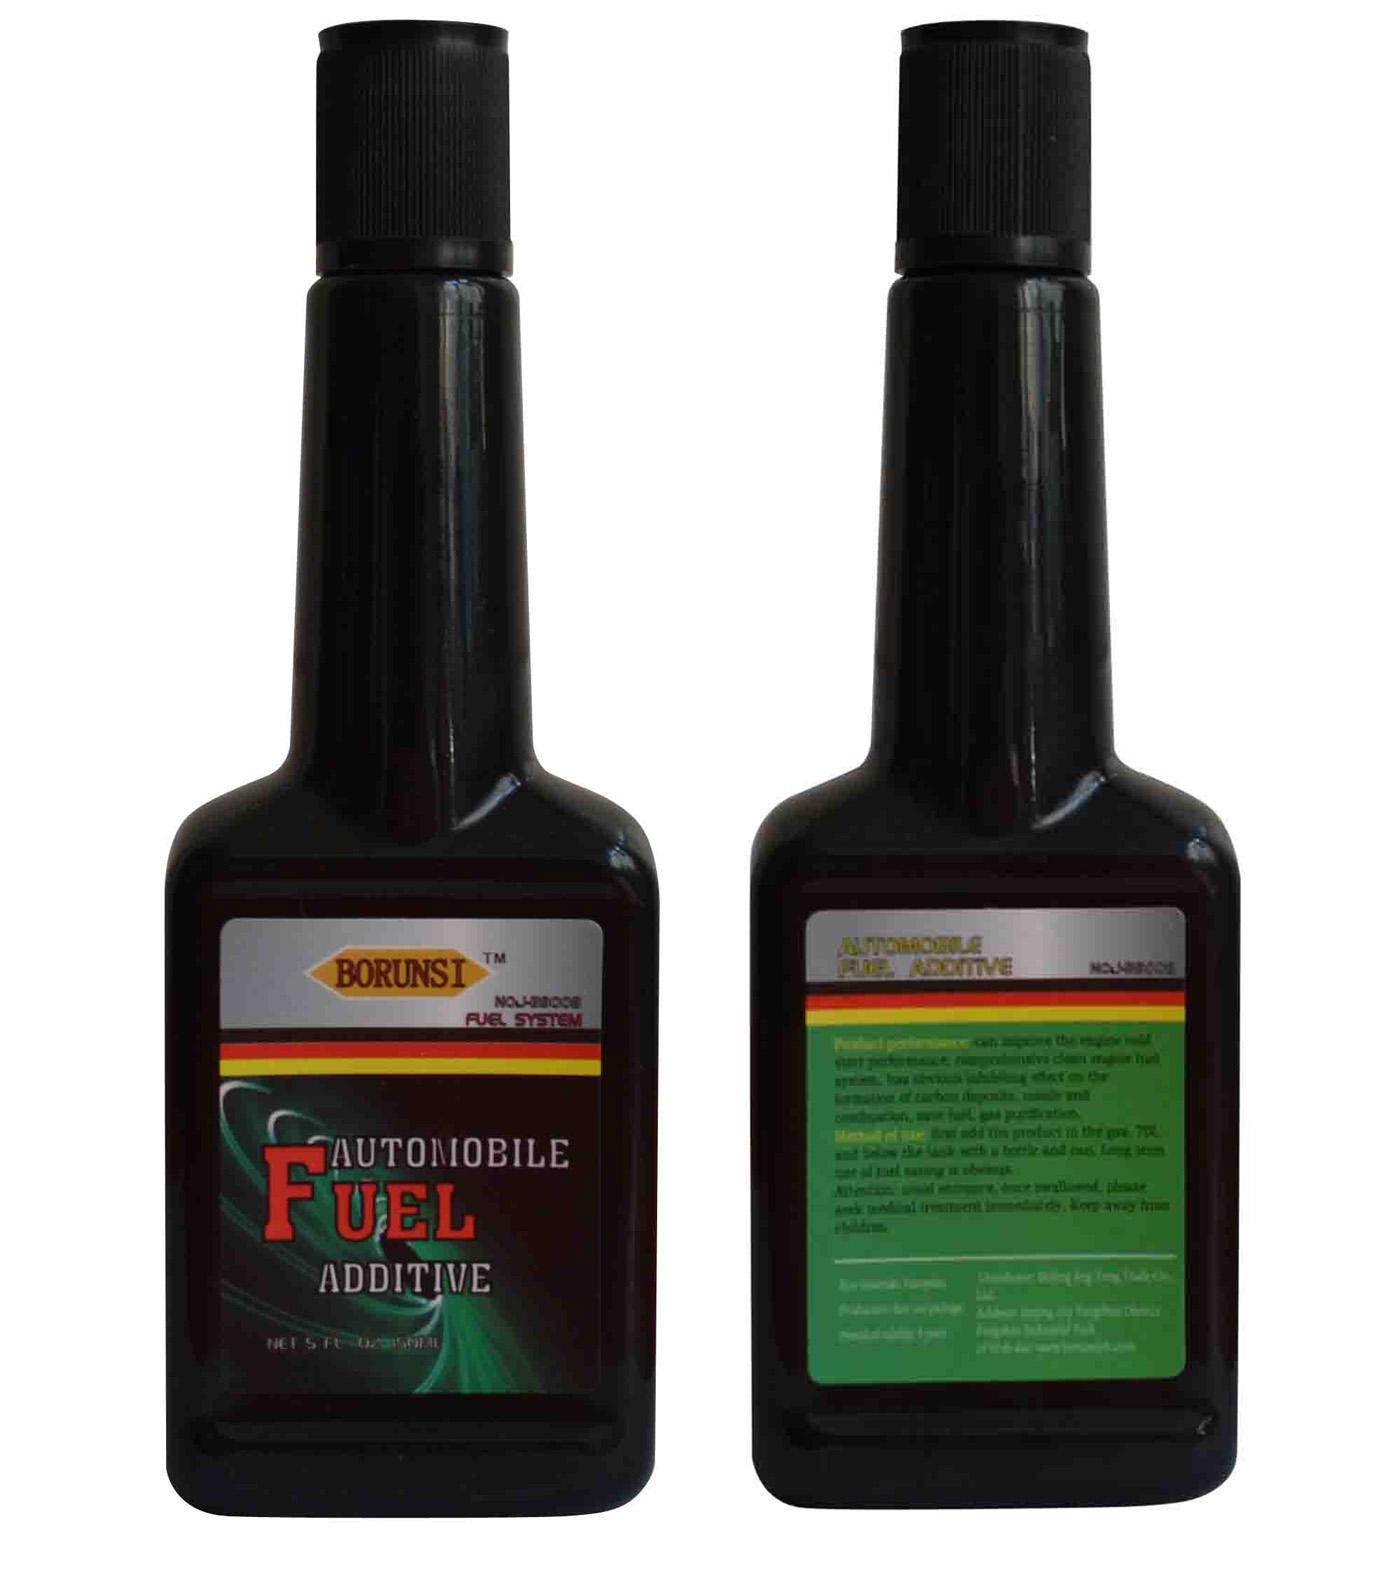 博润斯燃油添加剂厂家供应博润斯汽油添加剂,服务一流,质量保证